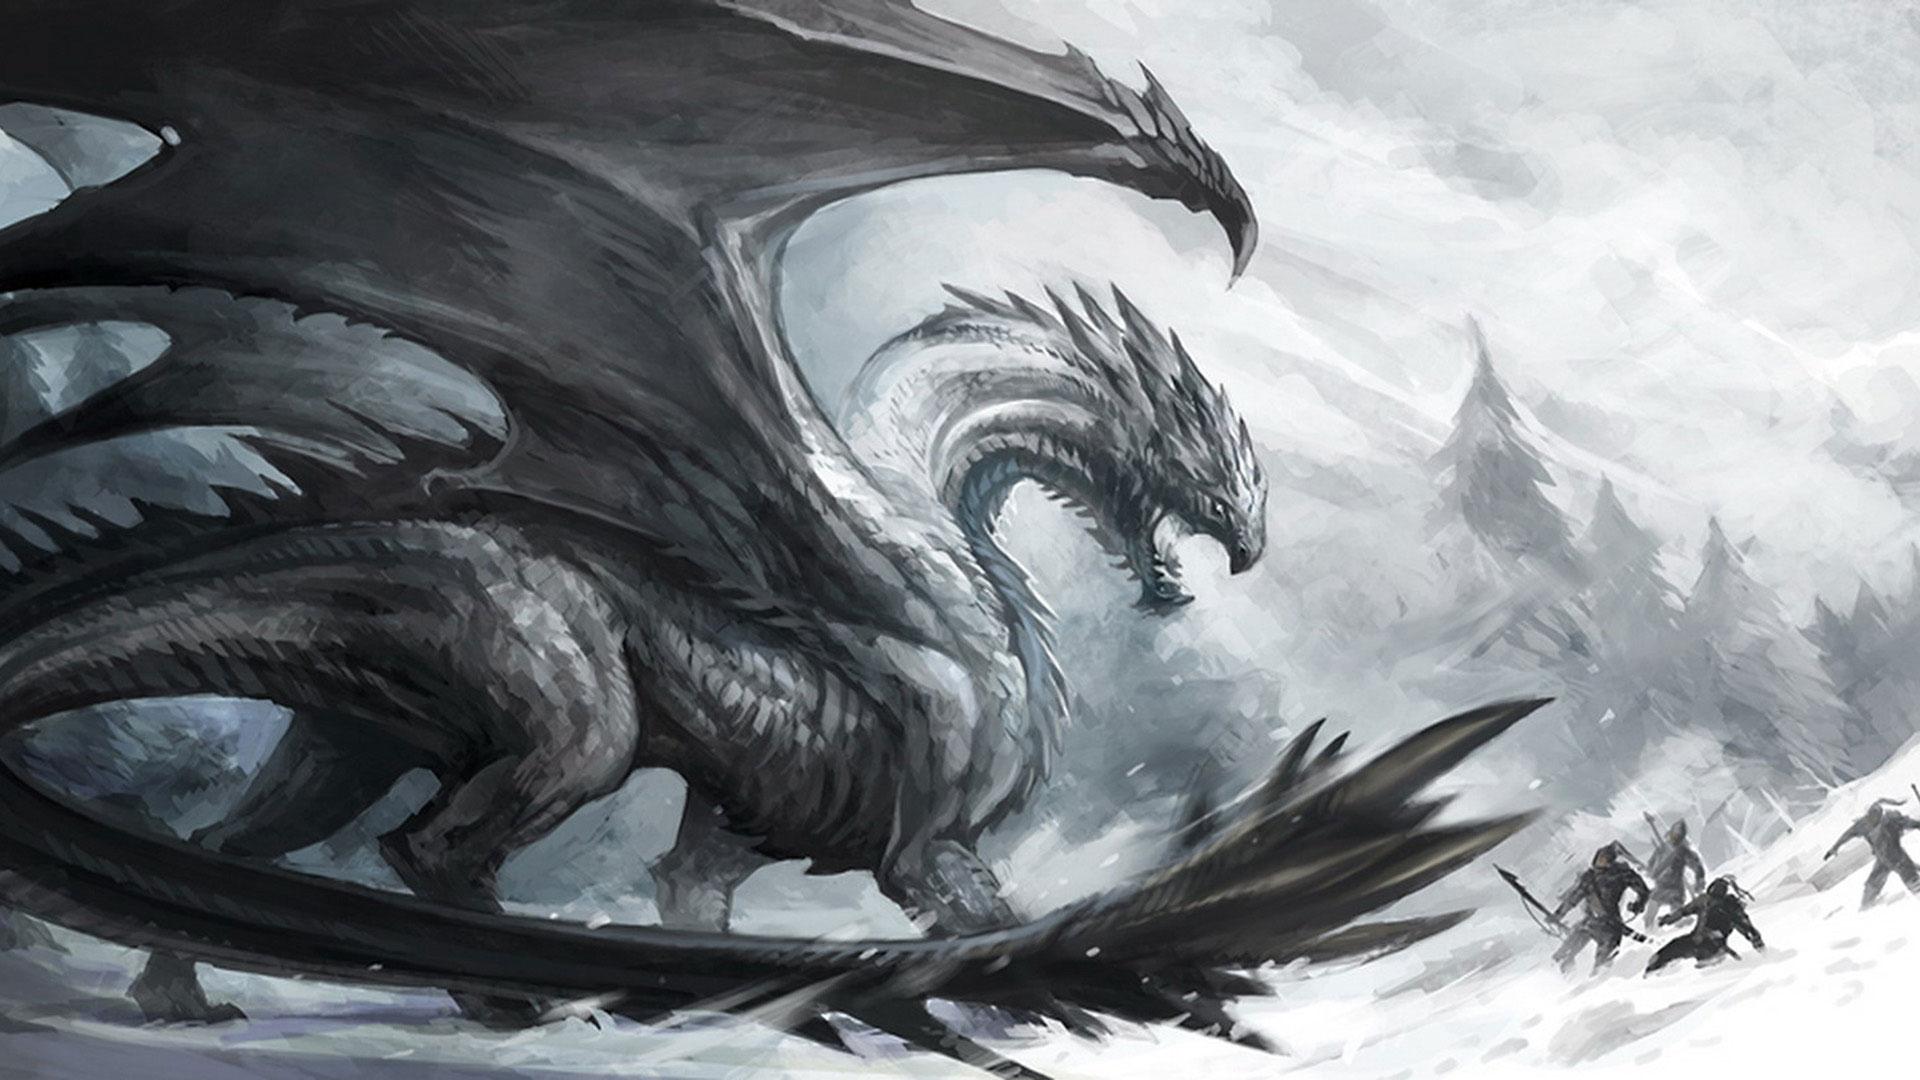 Трансформация человека в дракона картинки 22 фотография